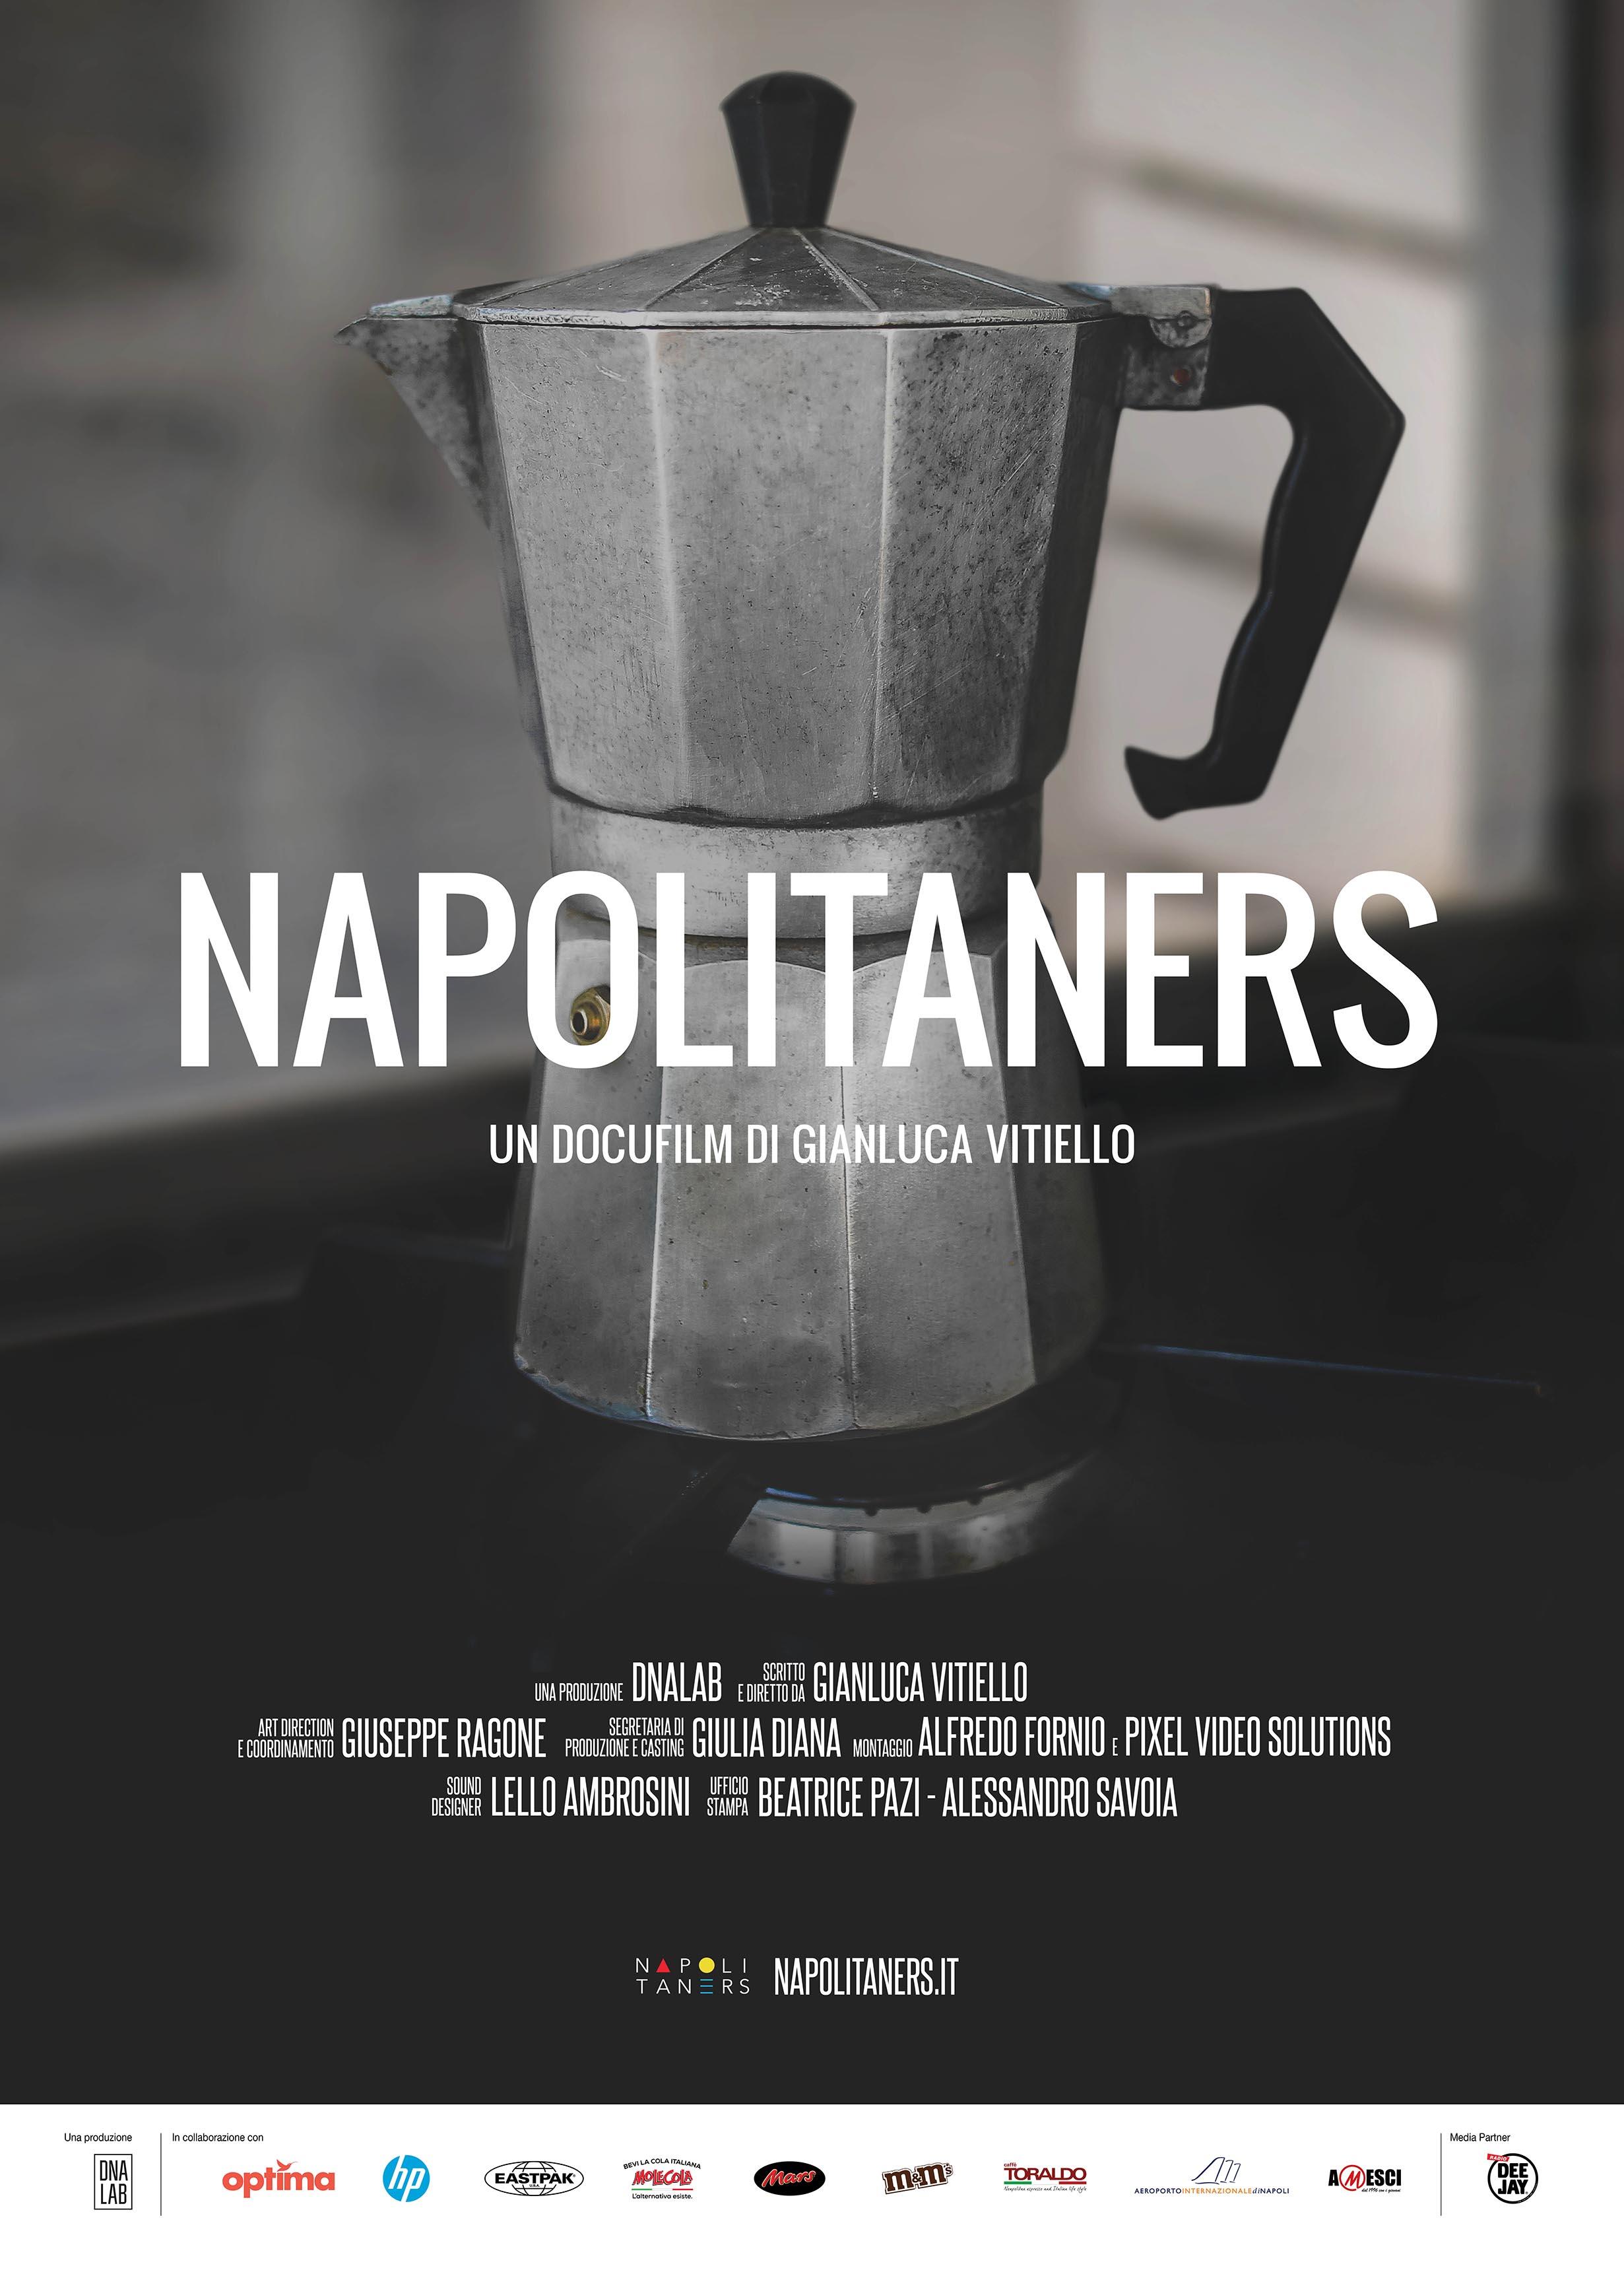 Napolitaners: il docufilm di Gianluca Vitiello arriva a Tokyo